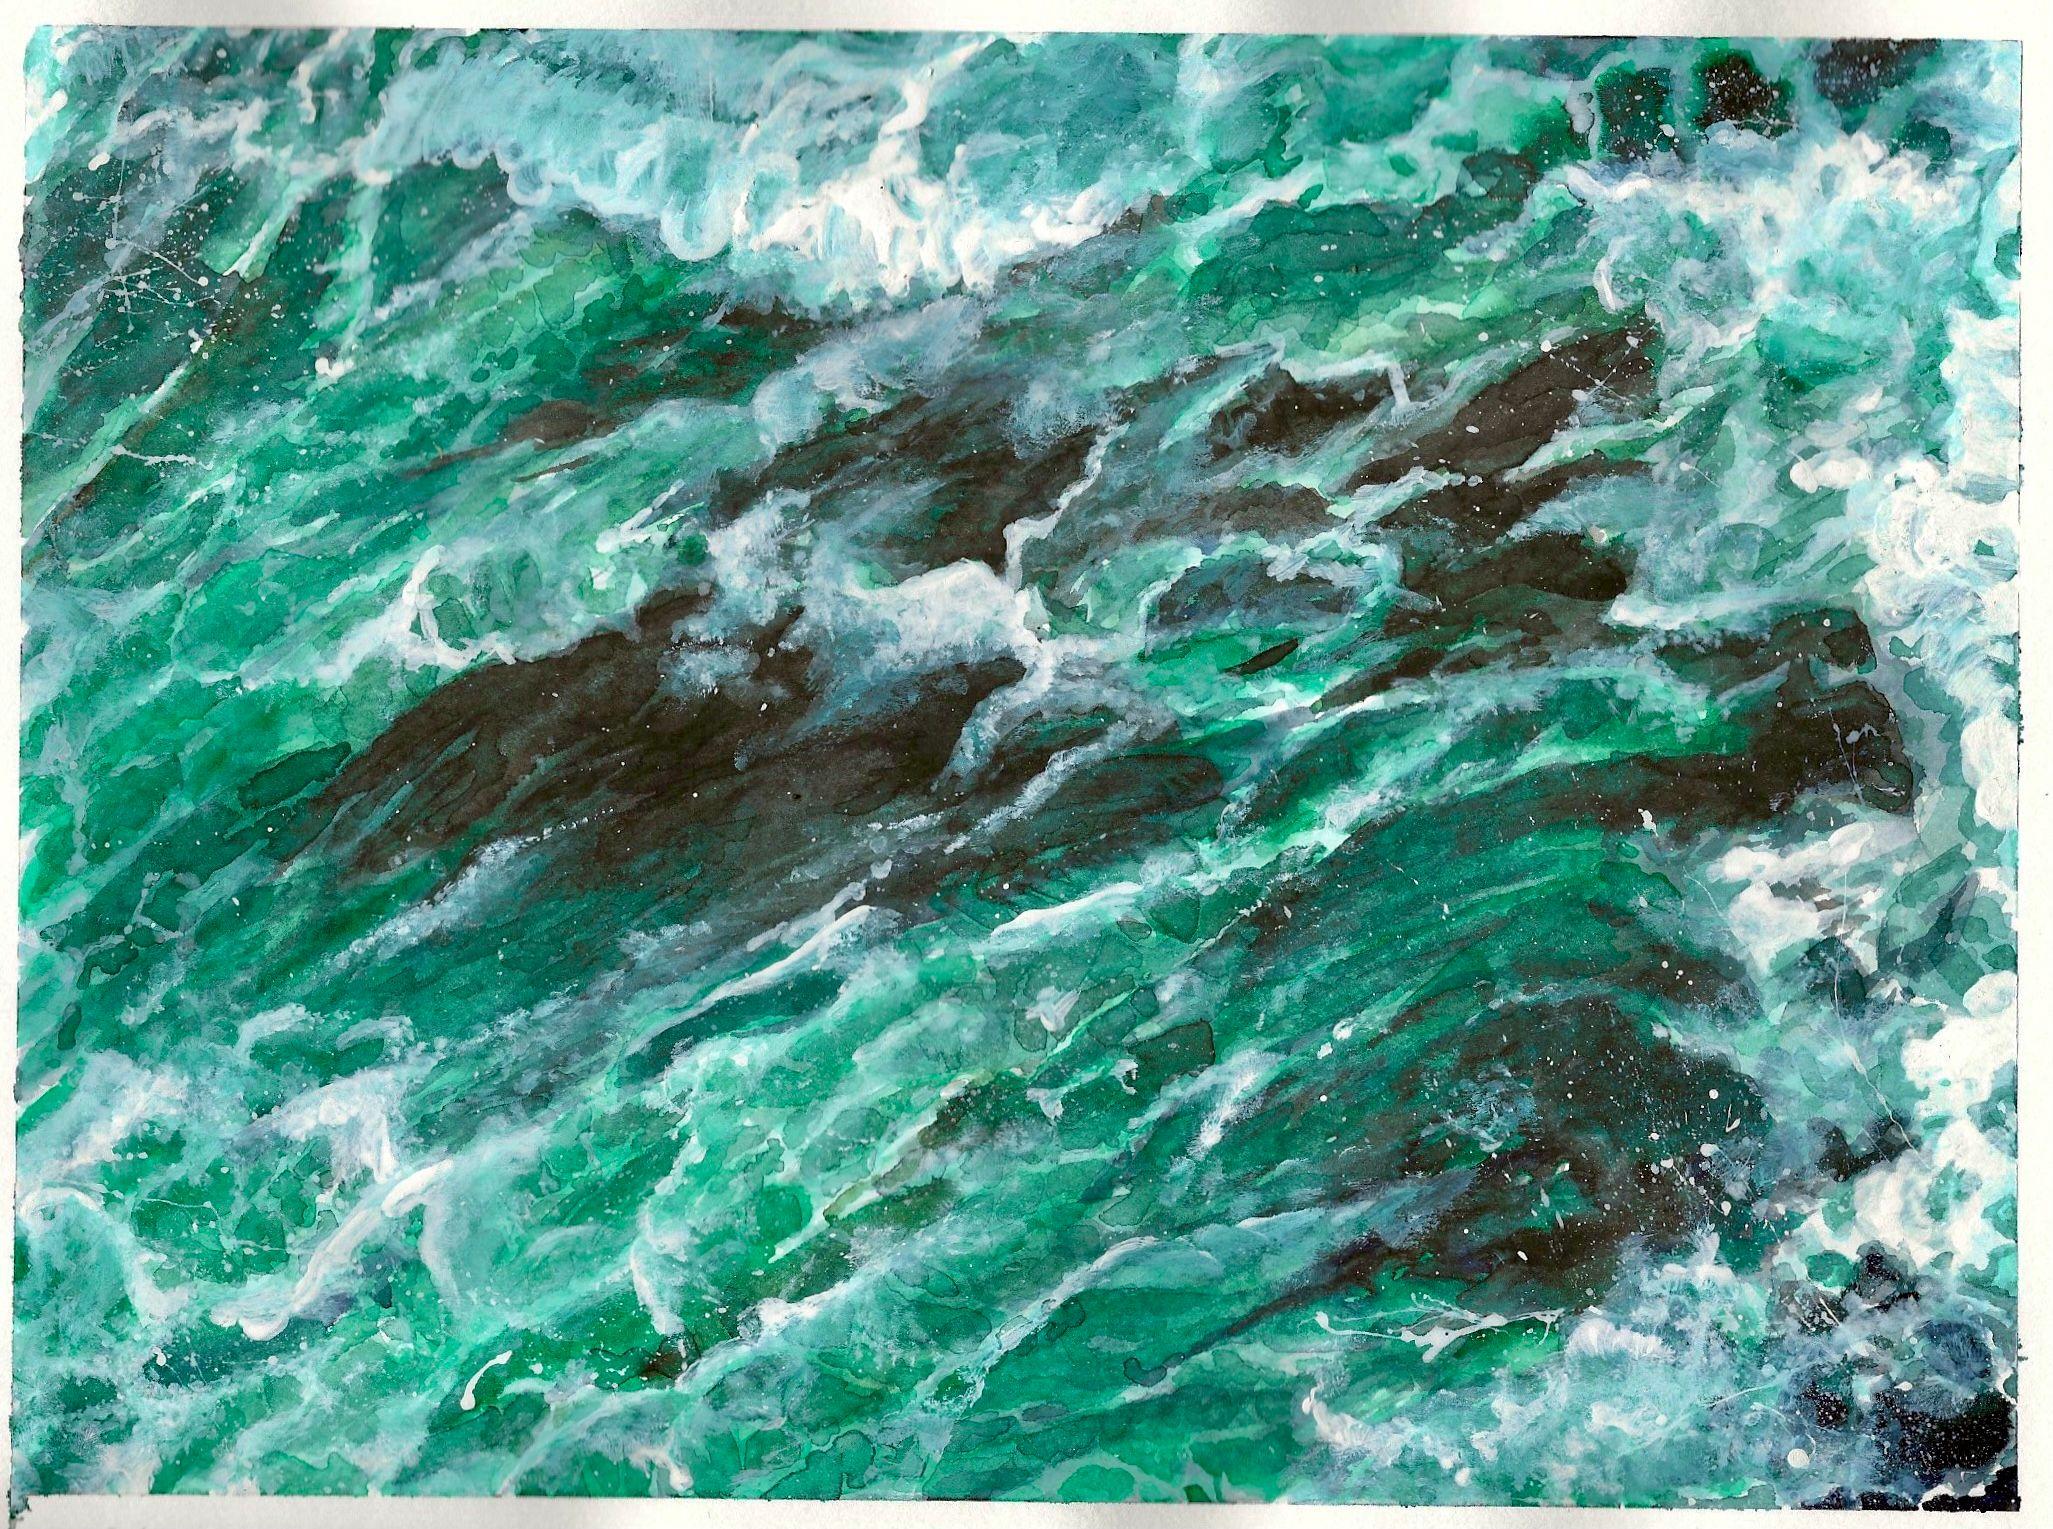 viridian fizz 1 - watercolour gouache - 210 x 297mm - 280gsm 160lbs